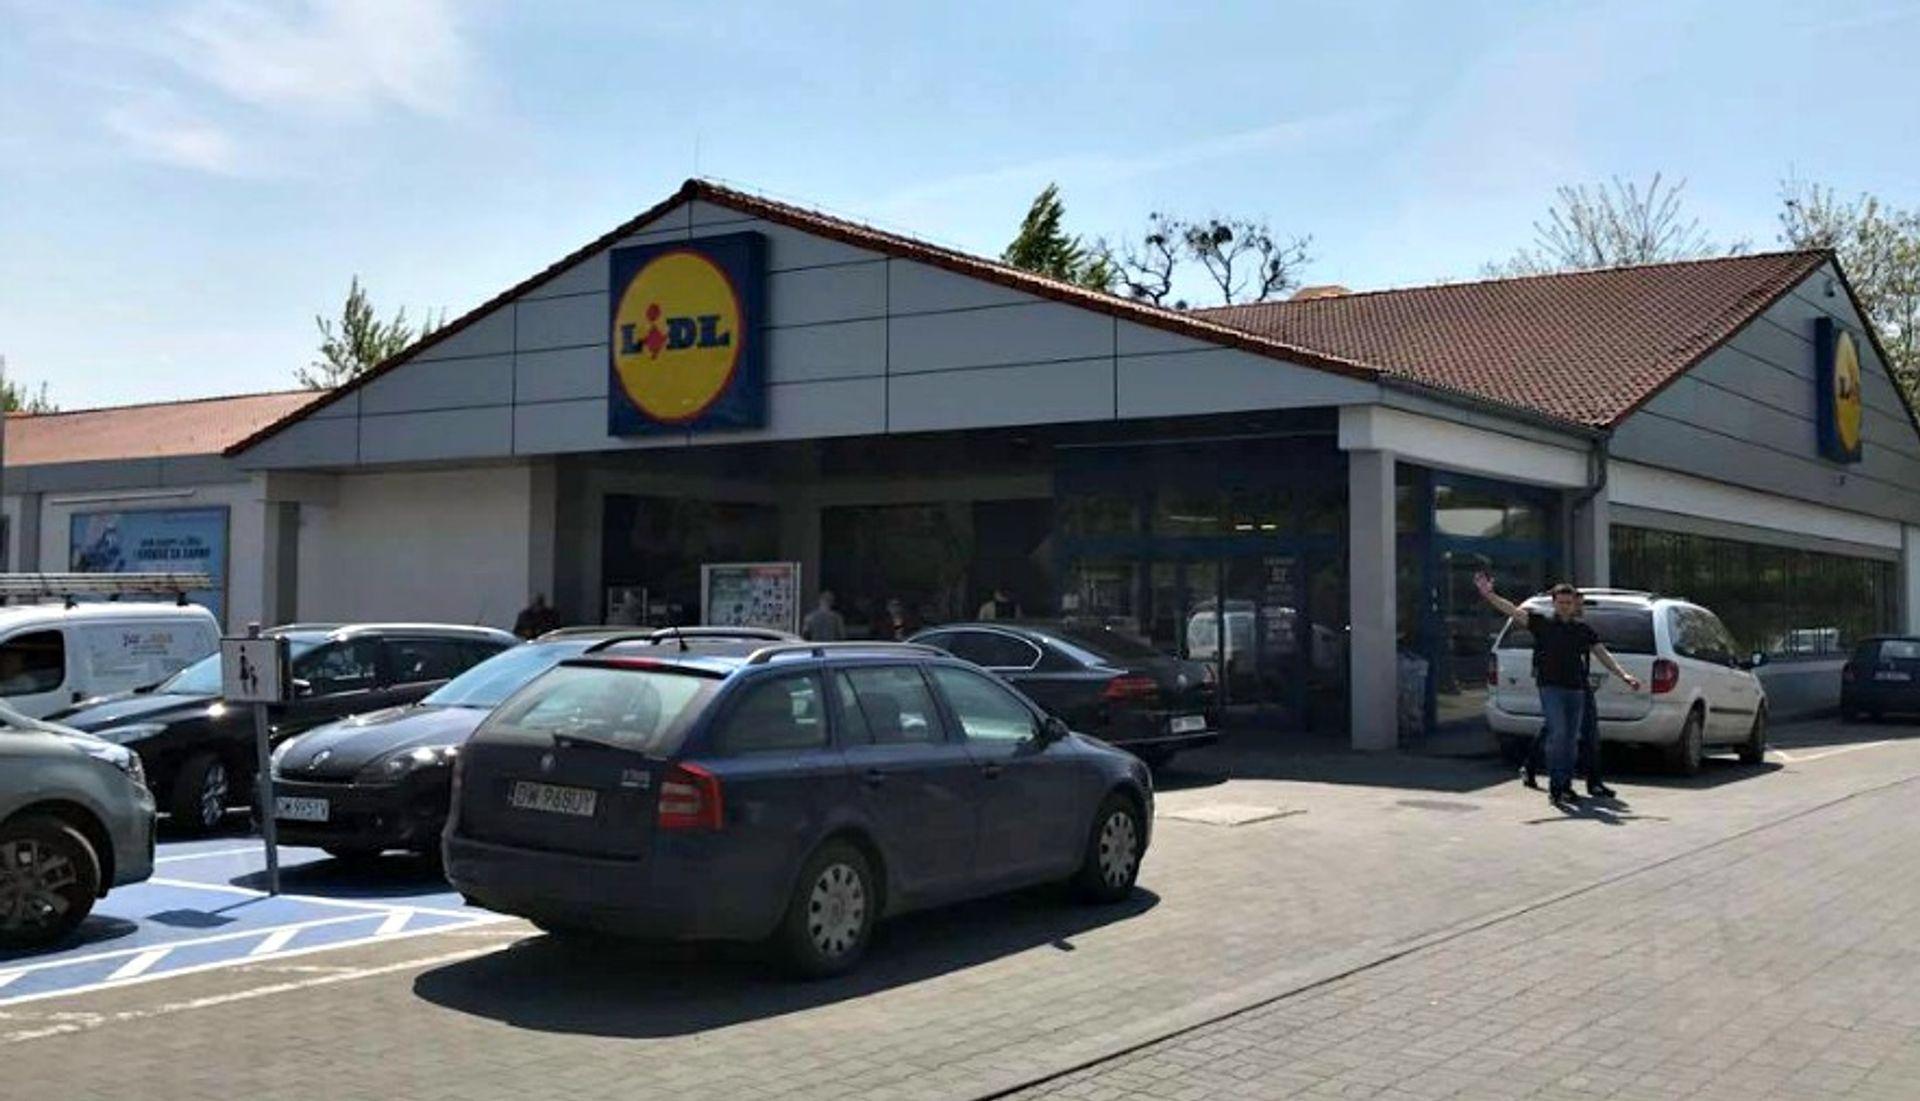 [Wrocław] Lidl przy Braniborskiej przejdzie modernizację. A co z nowymi sklepami?